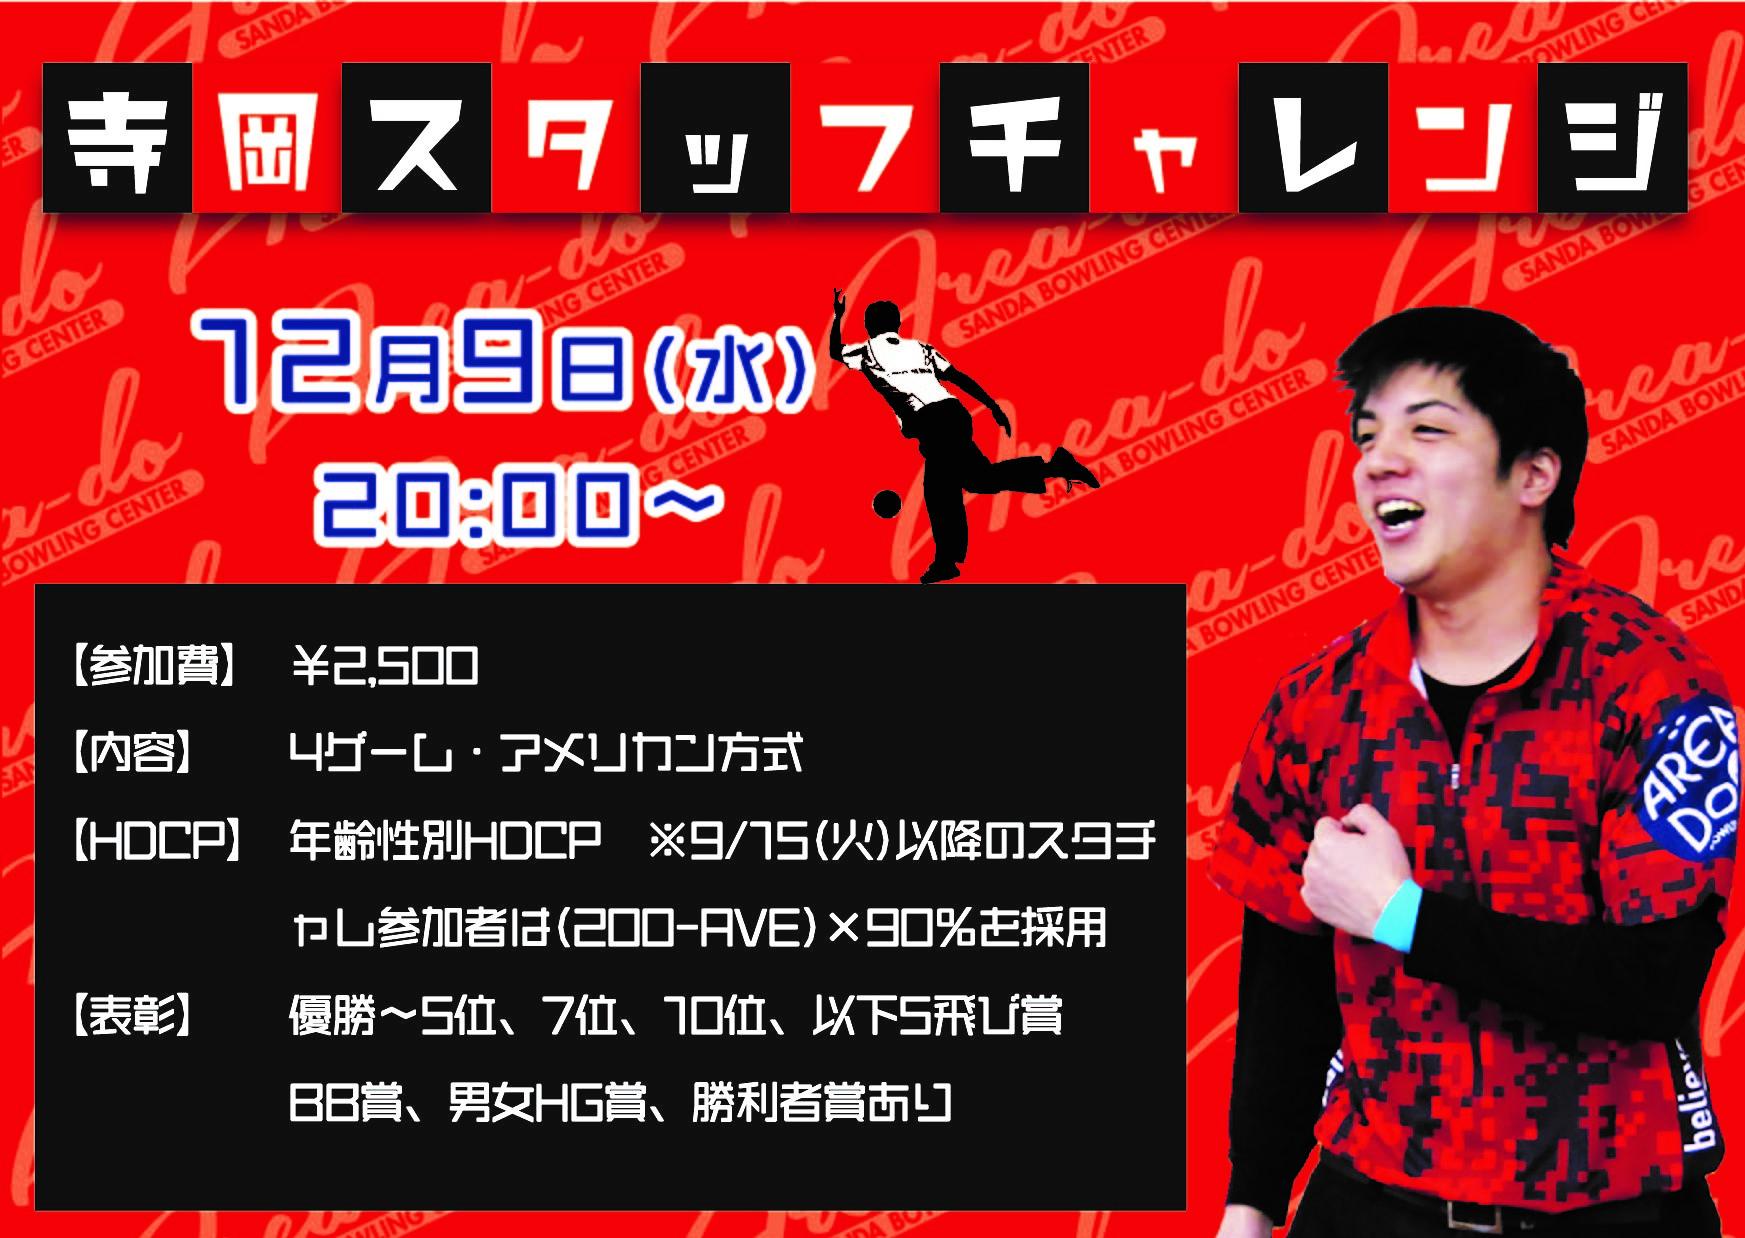 寺岡チャレンジヨコ2012